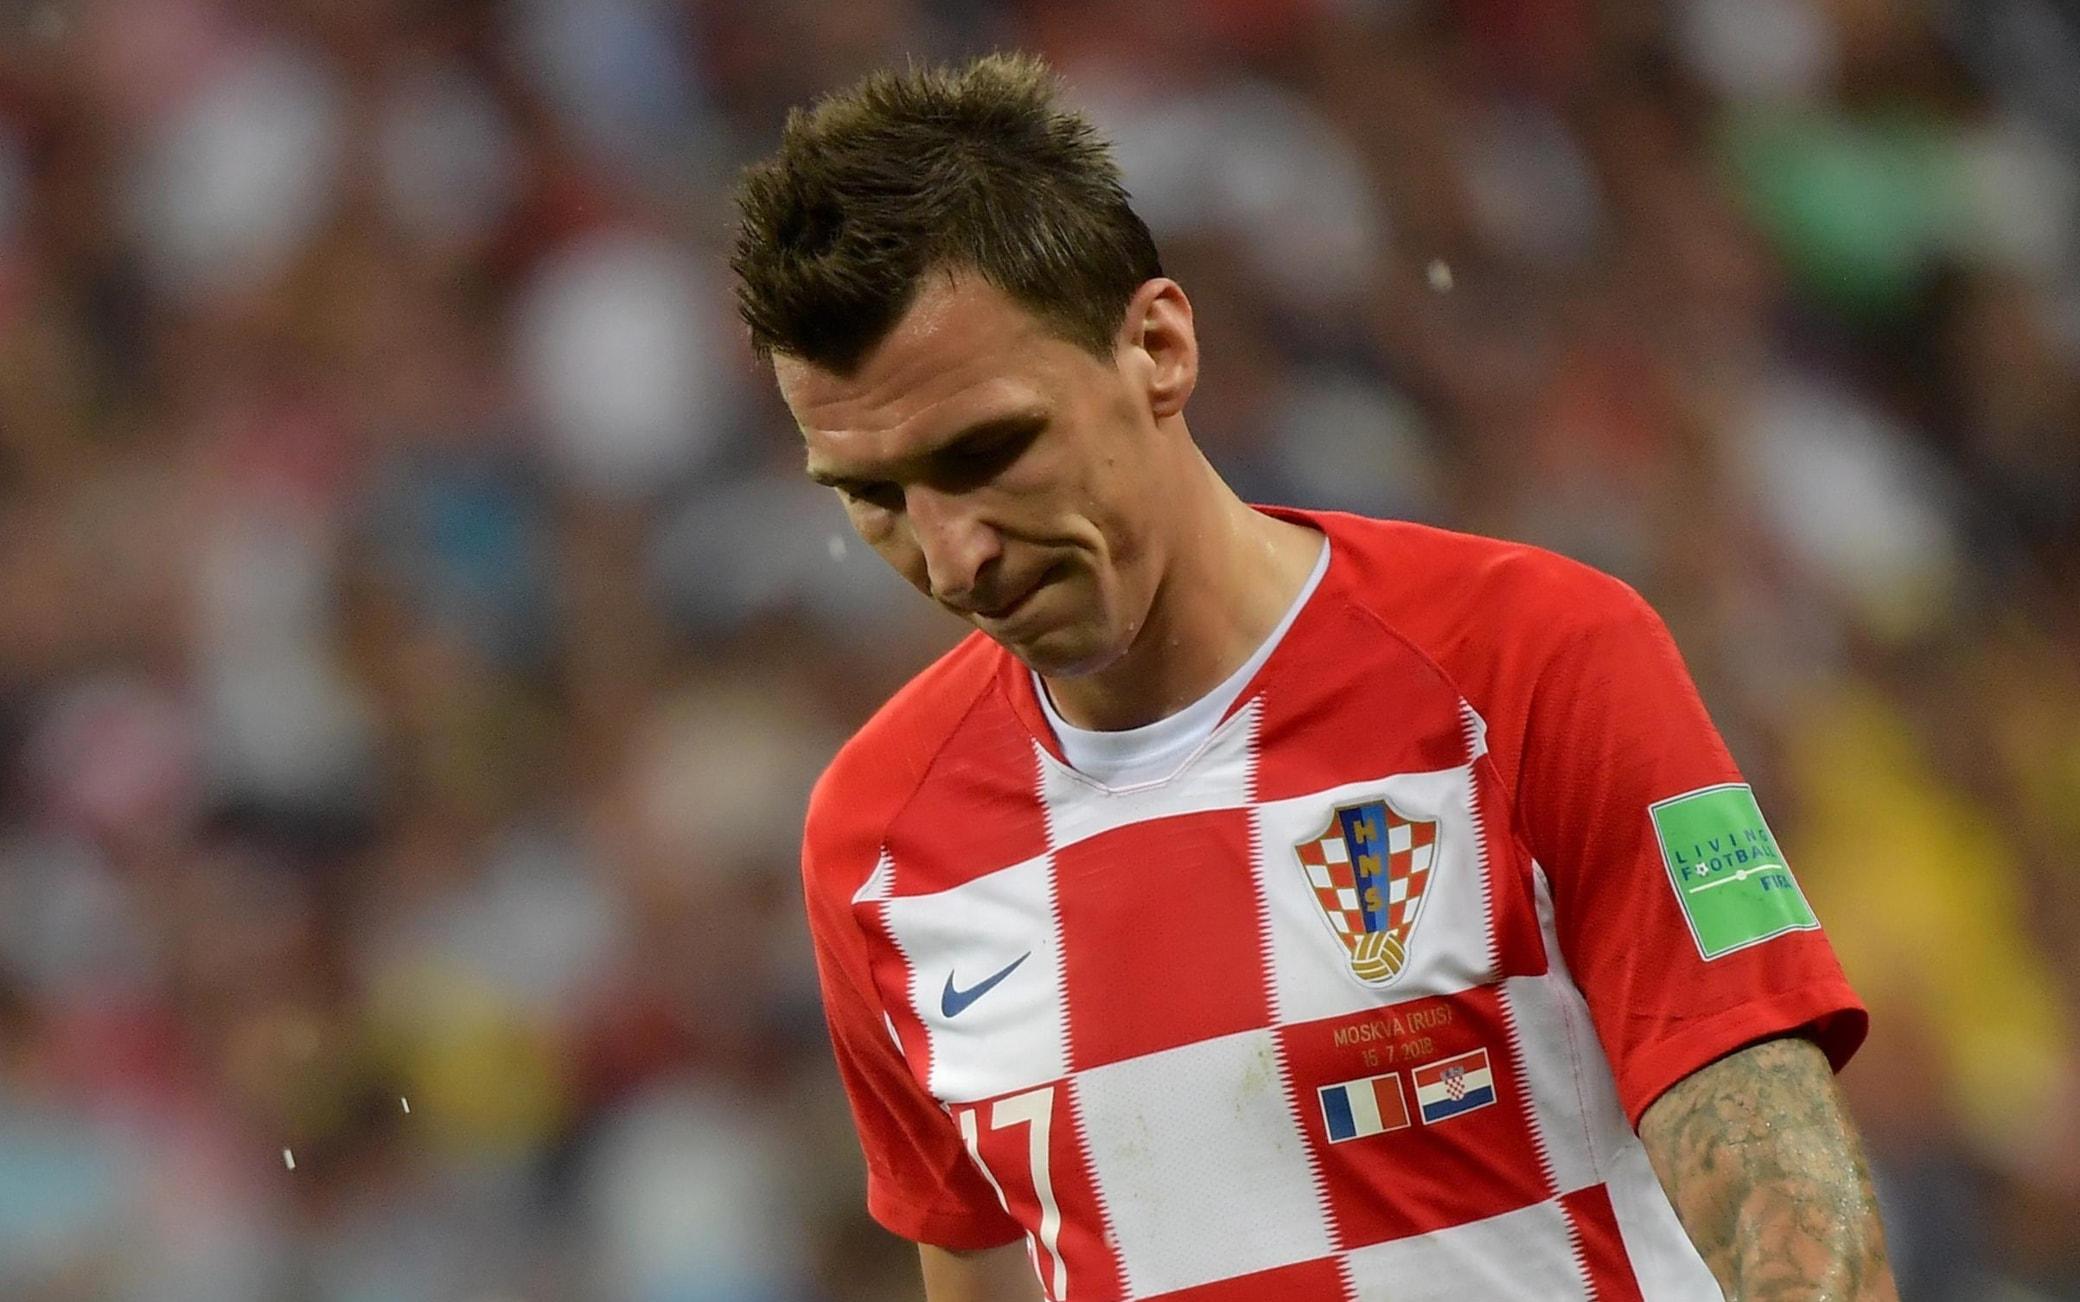 La delusione di Mandzukic dopo l'autogol nella finale Francia-Croazia